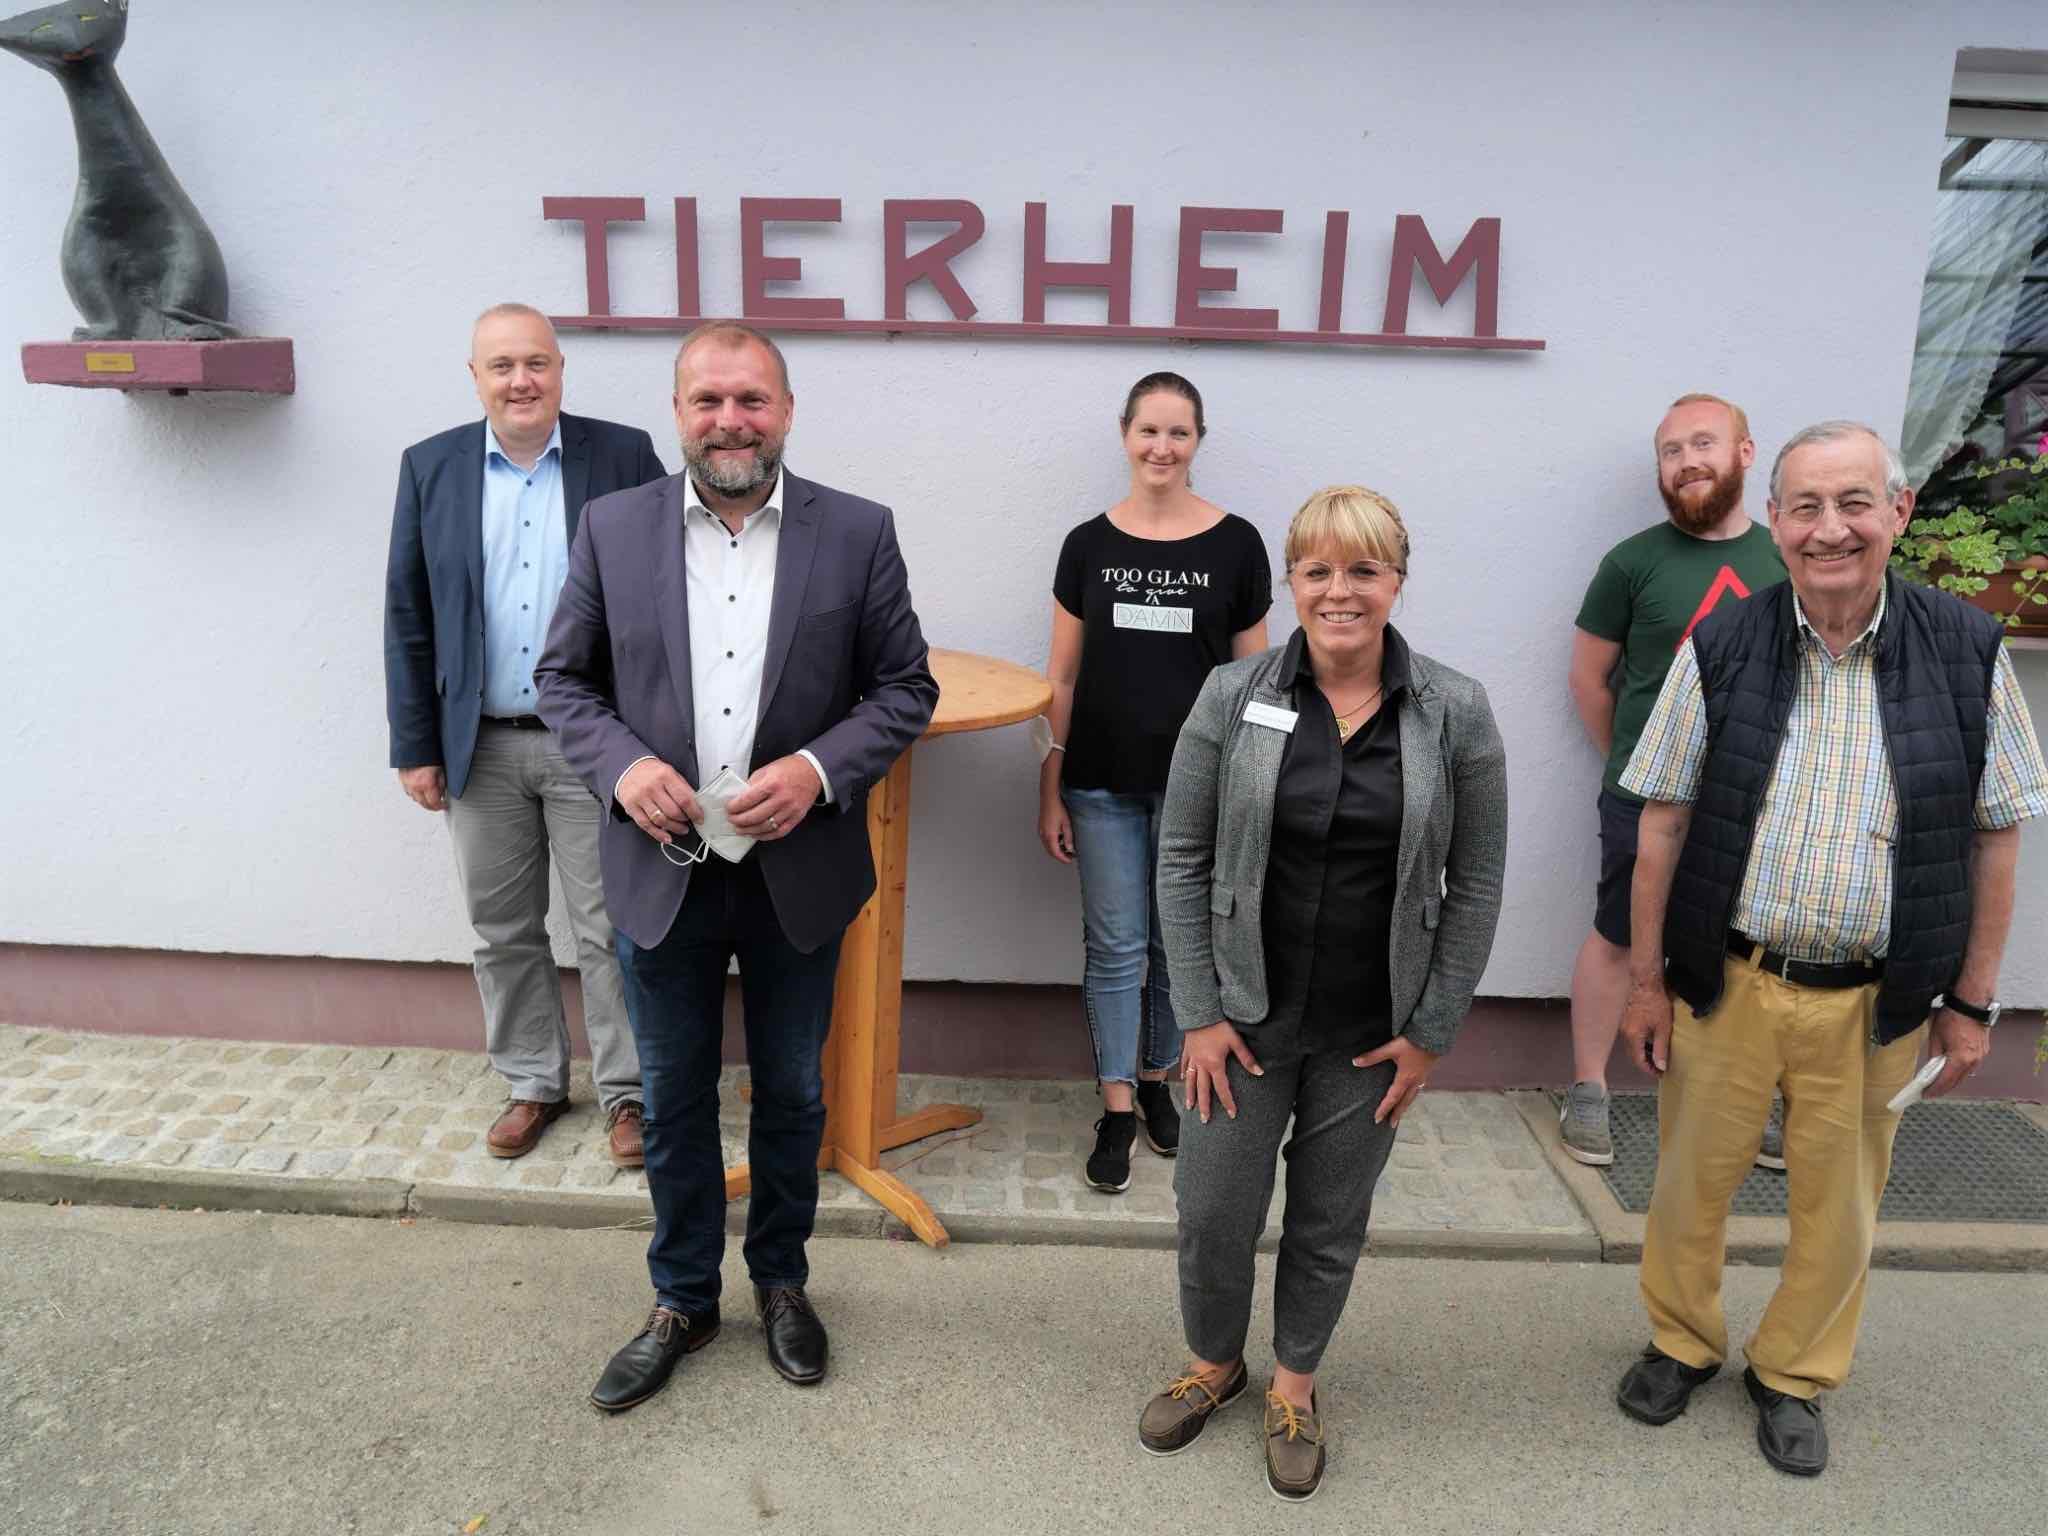 Tierheimleiterin Anja Schneider (3.v.l.) mit Landrat Thomas Eberth und einer Abordnung des Landratsamts. Foto: Christian Schuster